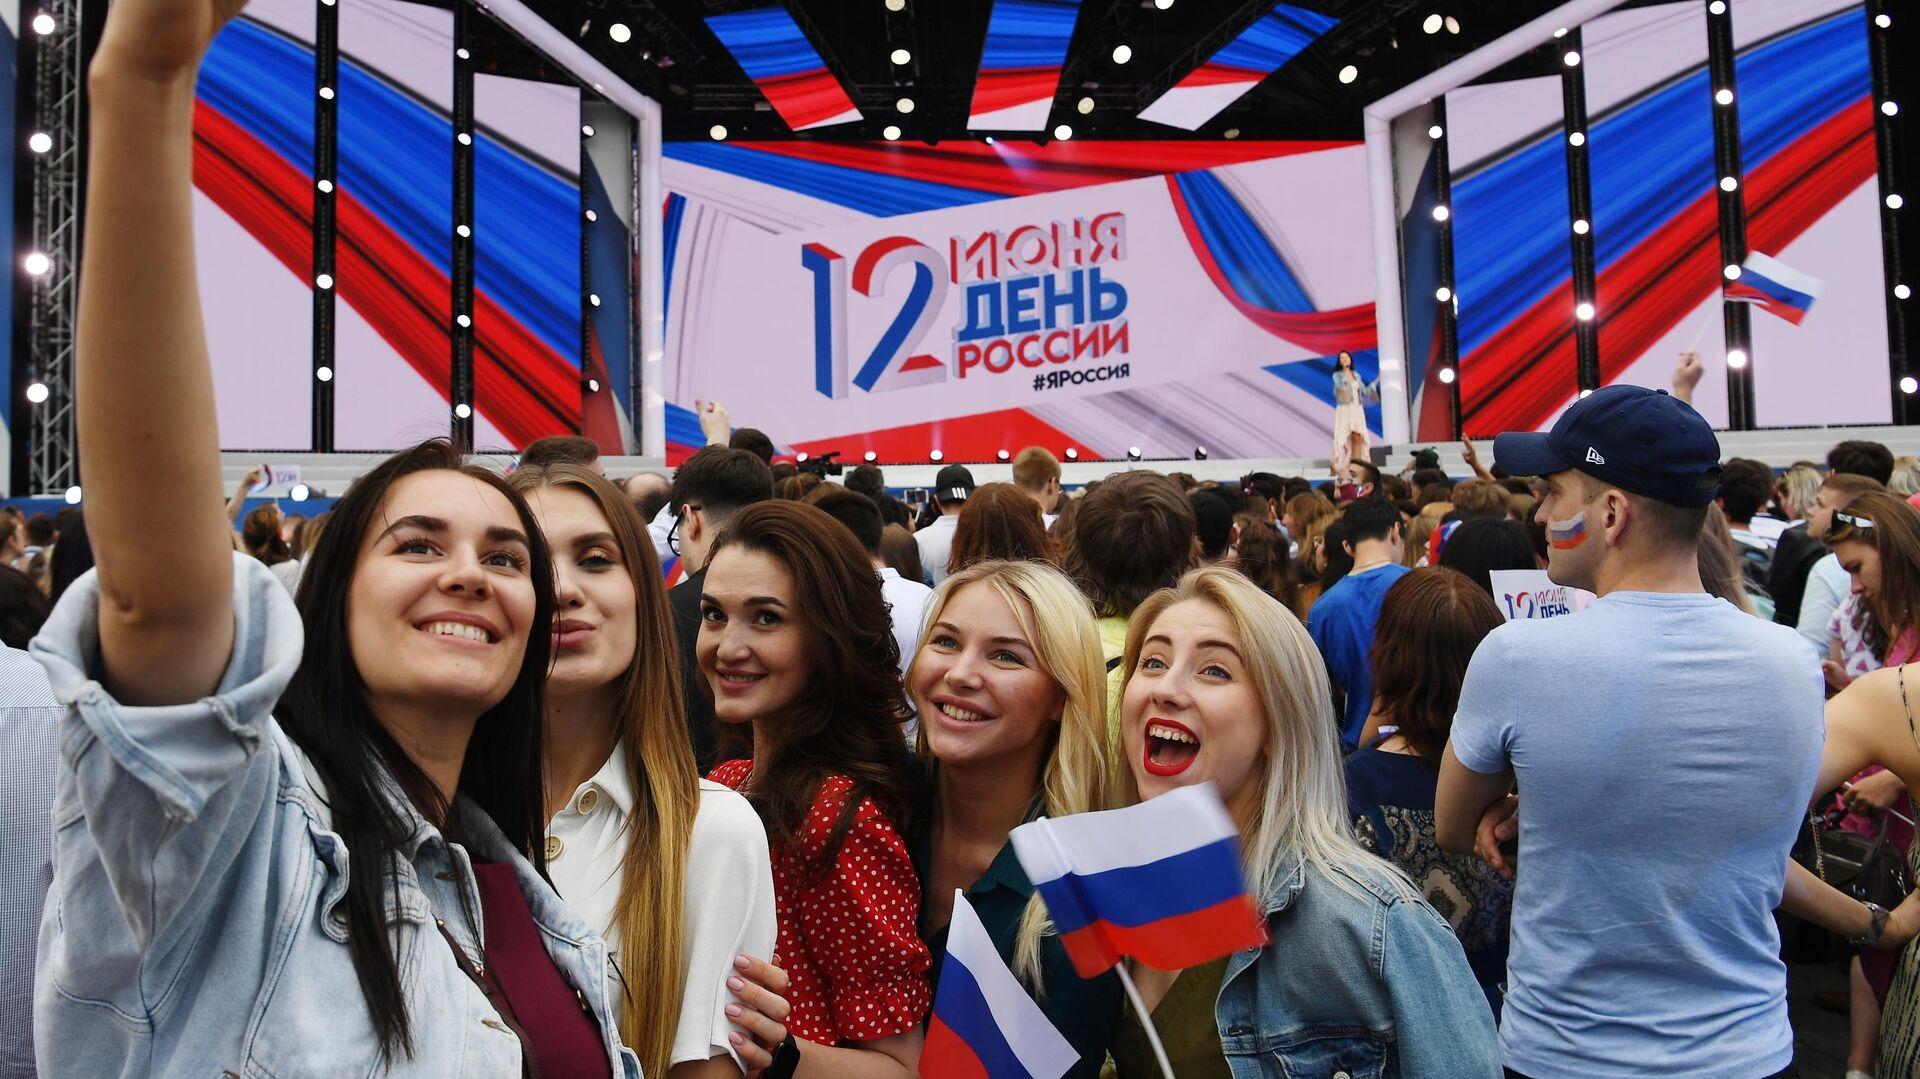 Девушки на праздничном концерте на Красной площади по случаю празднования Дня России - РИА Новости, 1920, 12.06.2021